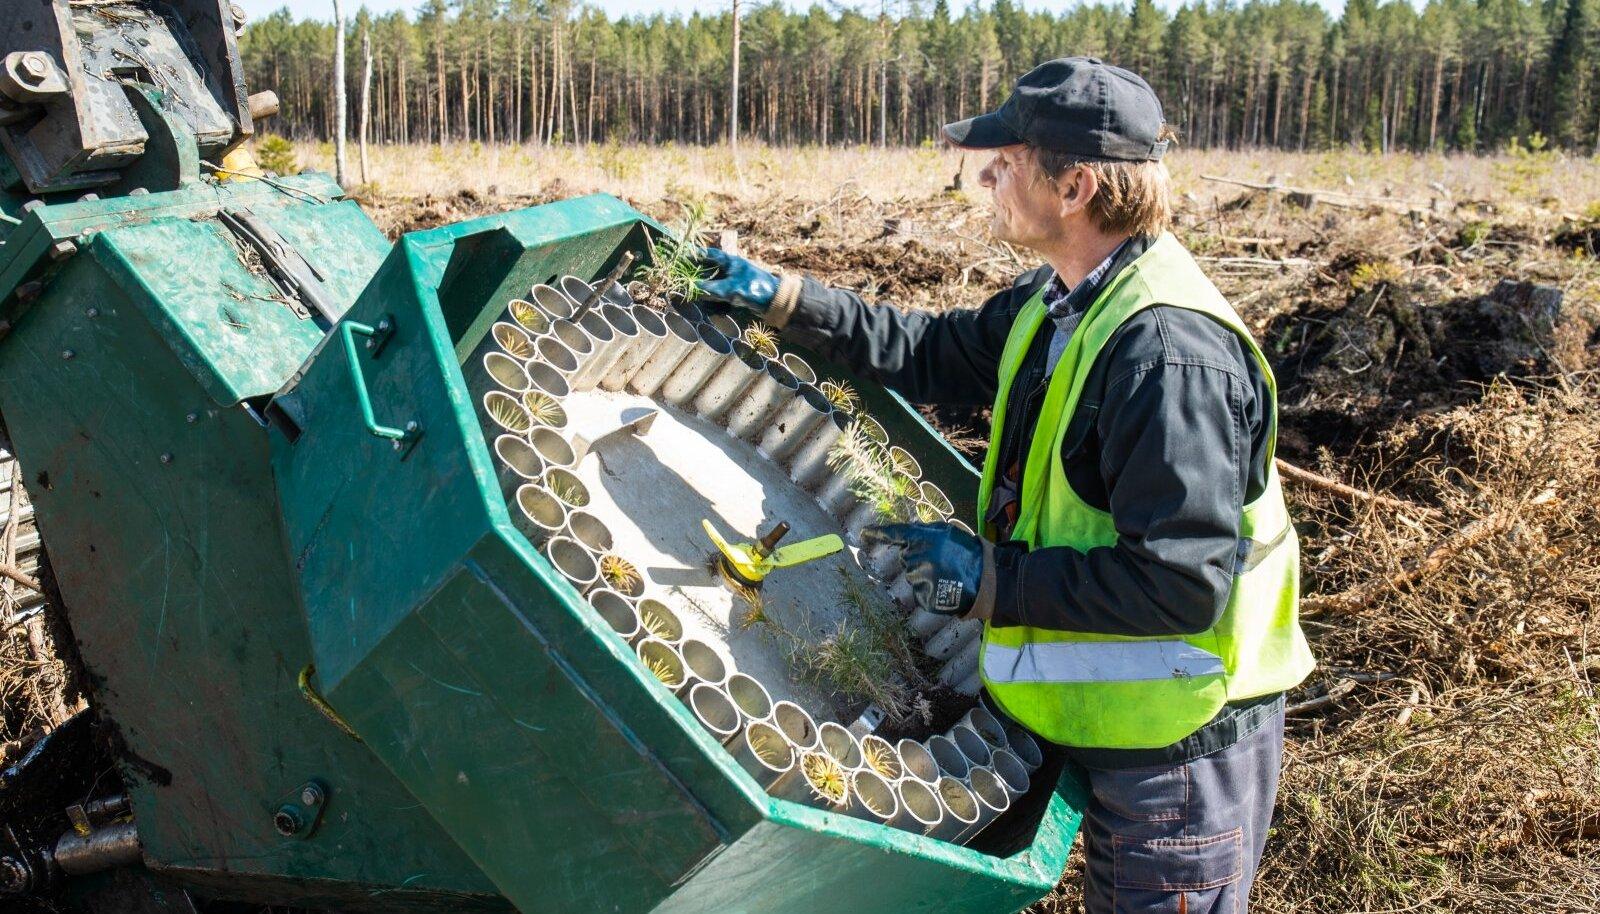 Машинист экскаватора заполняет кассету лесопосадочной машины горшечными растениями, которые машина сажает в почву.